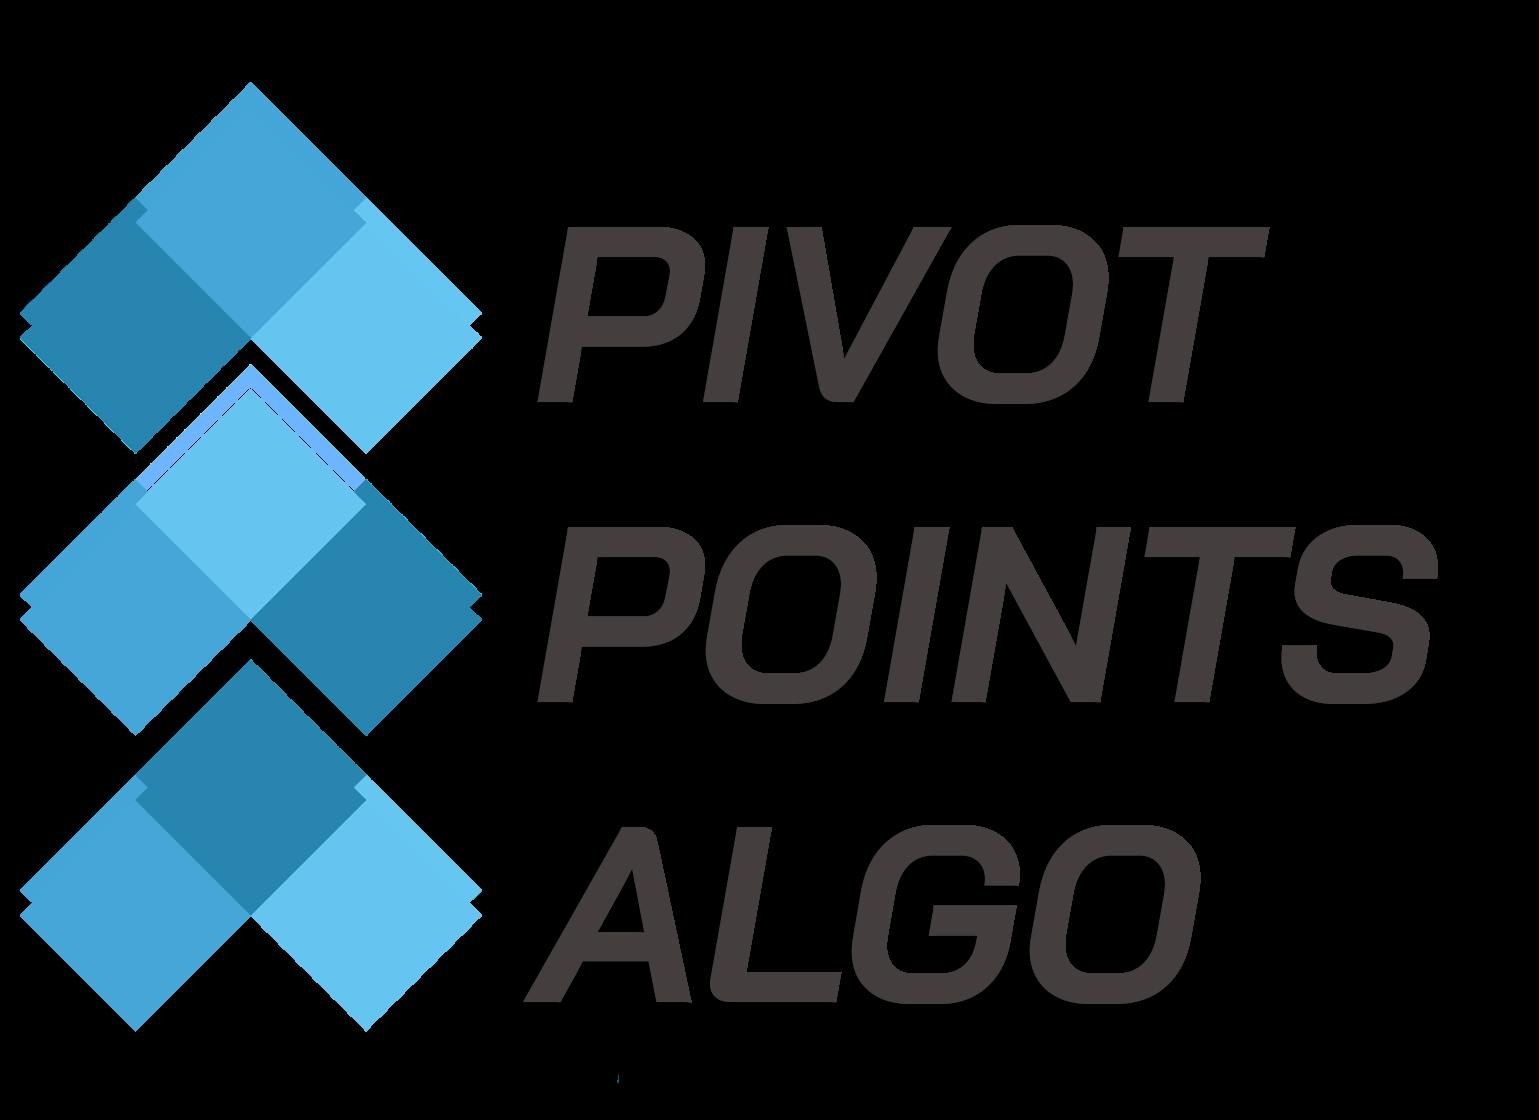 Pivot Points Algo